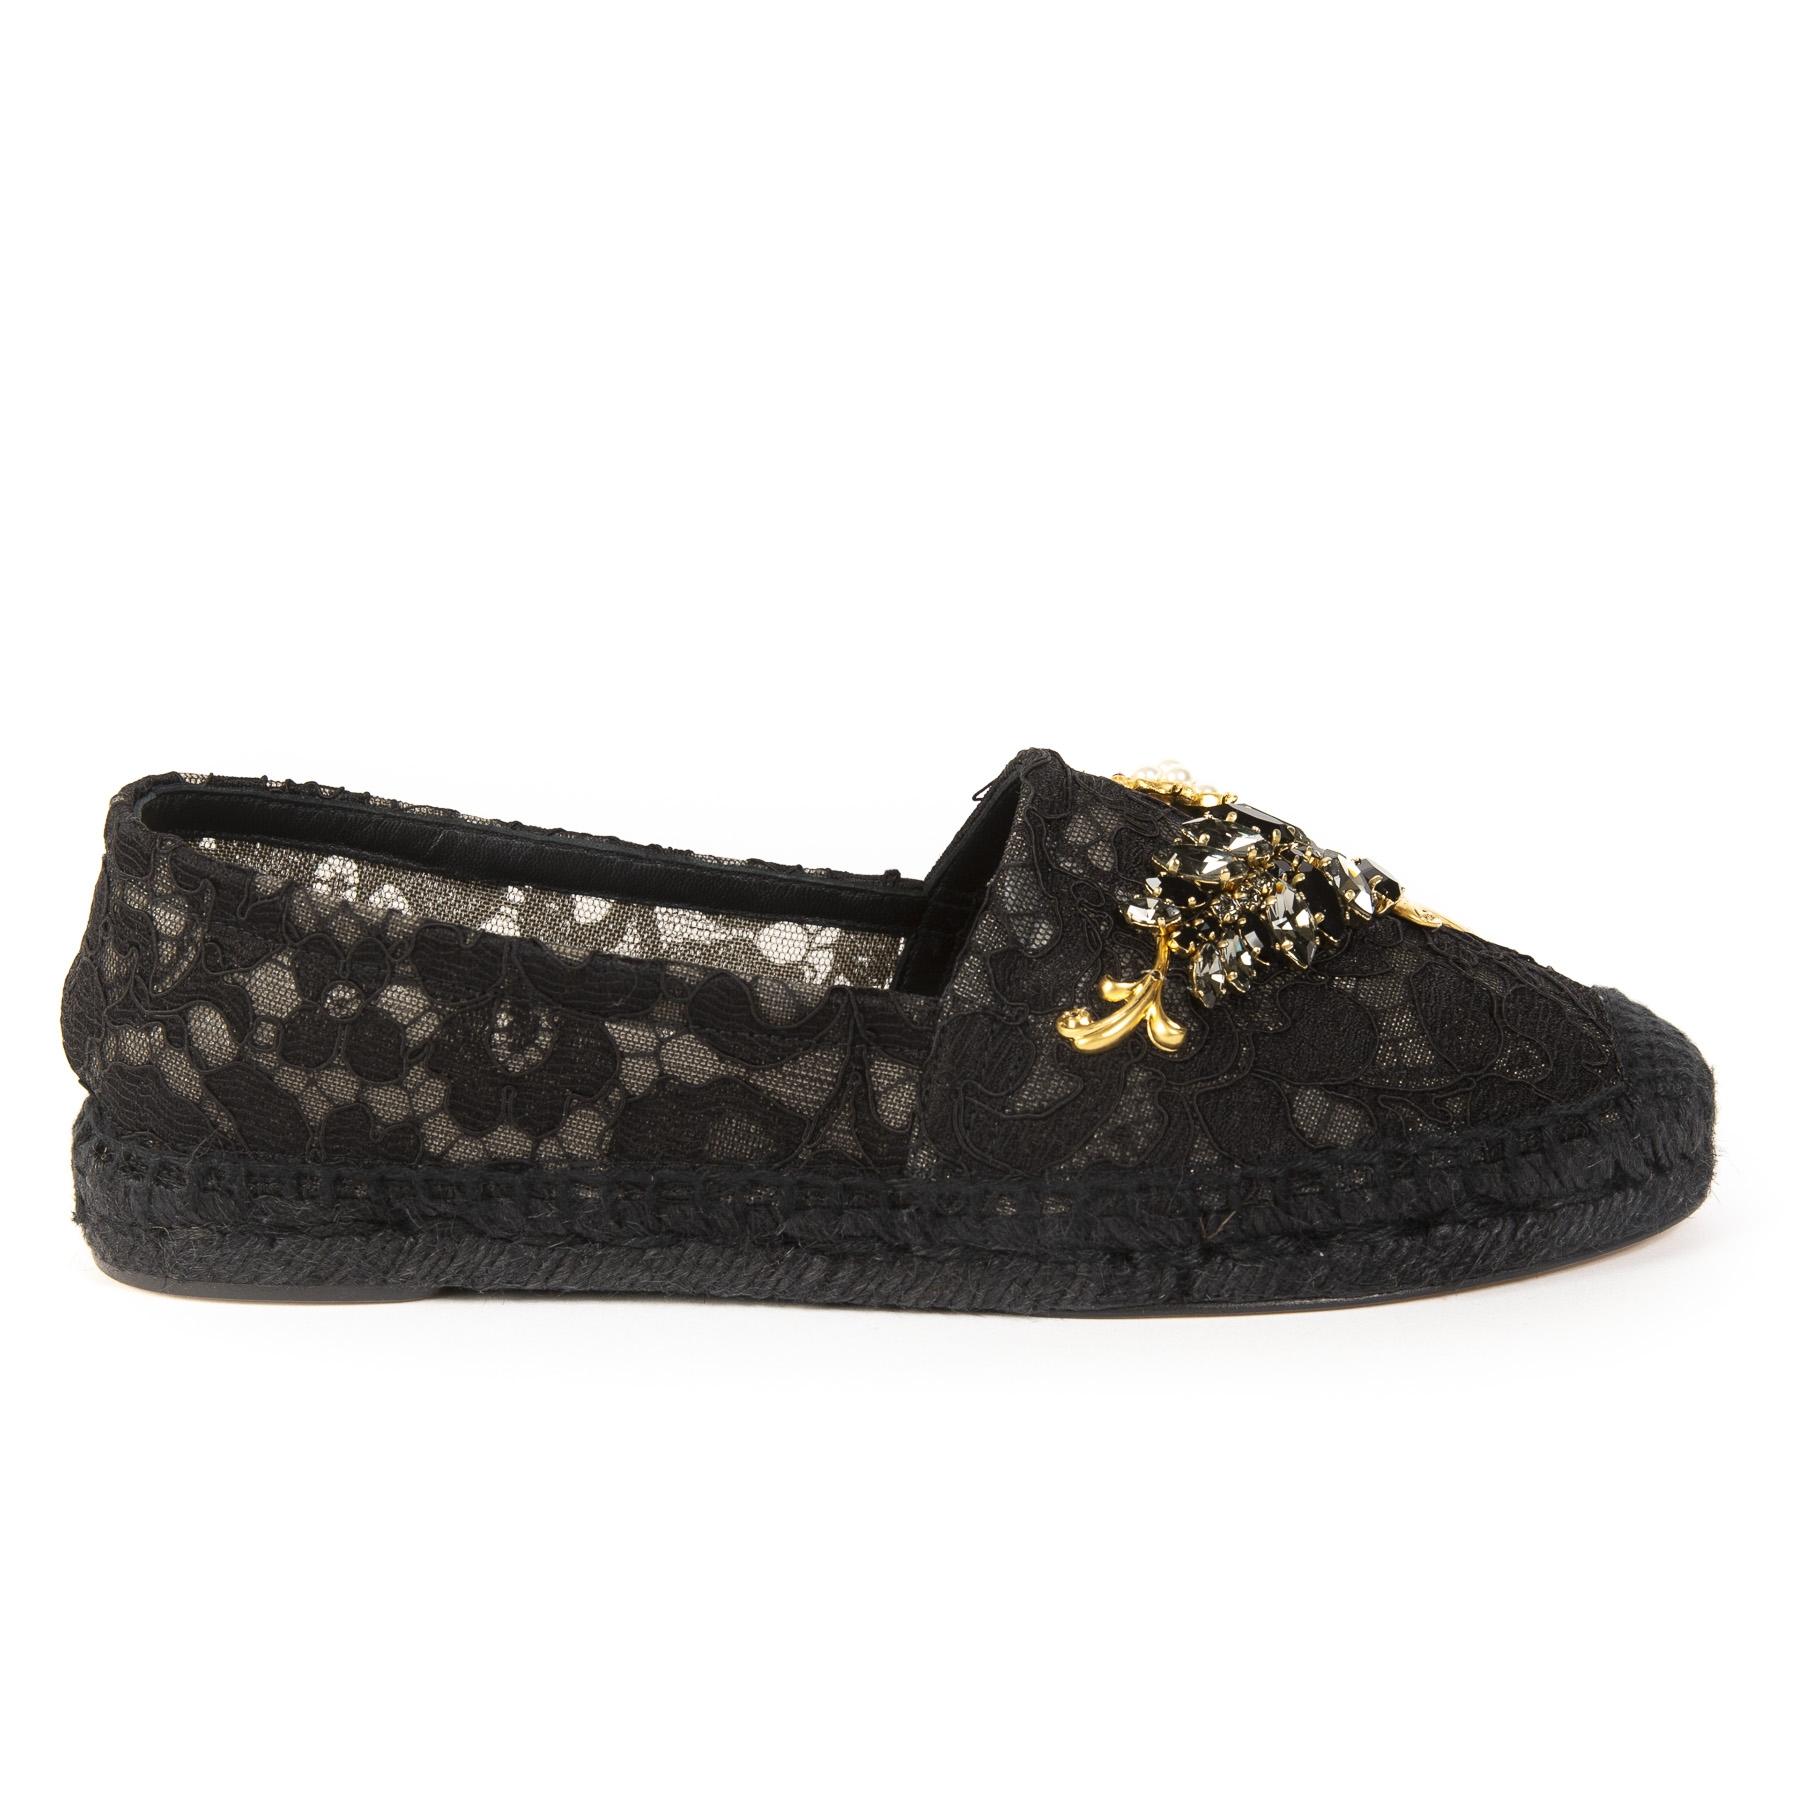 Koop authentieke Dolce & Gabanna schoenen aan de juiste prijs bij LabelLOV vintage webshop.